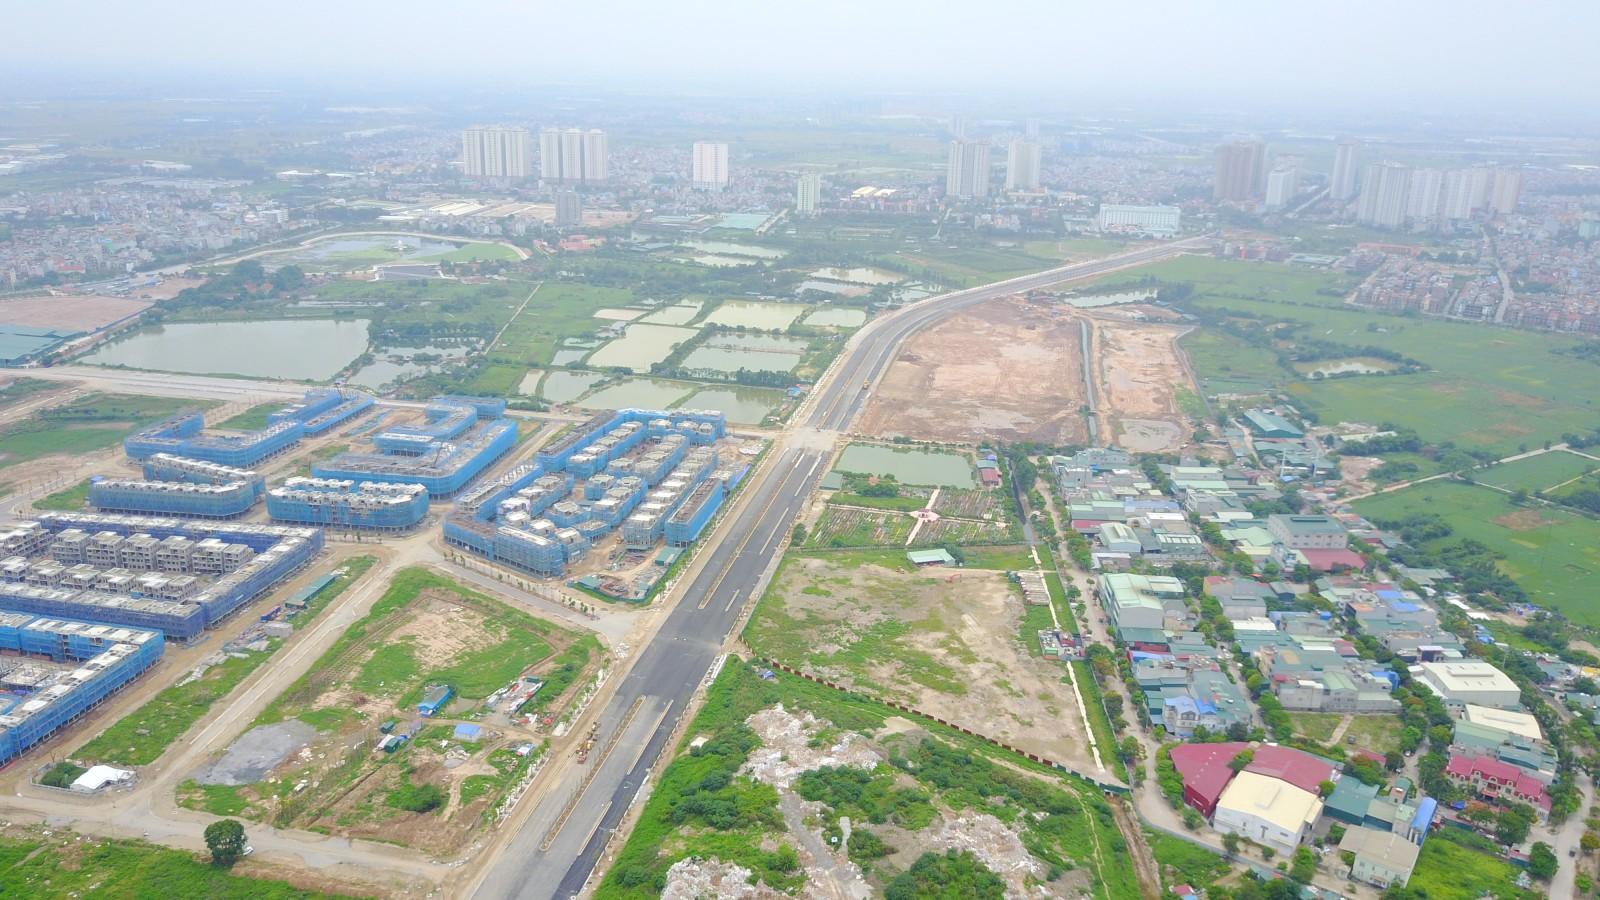 Khu đô thị The Manor và Công viên Chu Văn An nằm ở hai bên tuyến đường.p/Đường giao thông, công viên vẫn nằm trên giấy, các hạng mục nhà ở đã được xây len ồ ạt và rao bán với giá 15-17 tỉ đồng/căn. Ảnh: Báo gia đình xã hội.